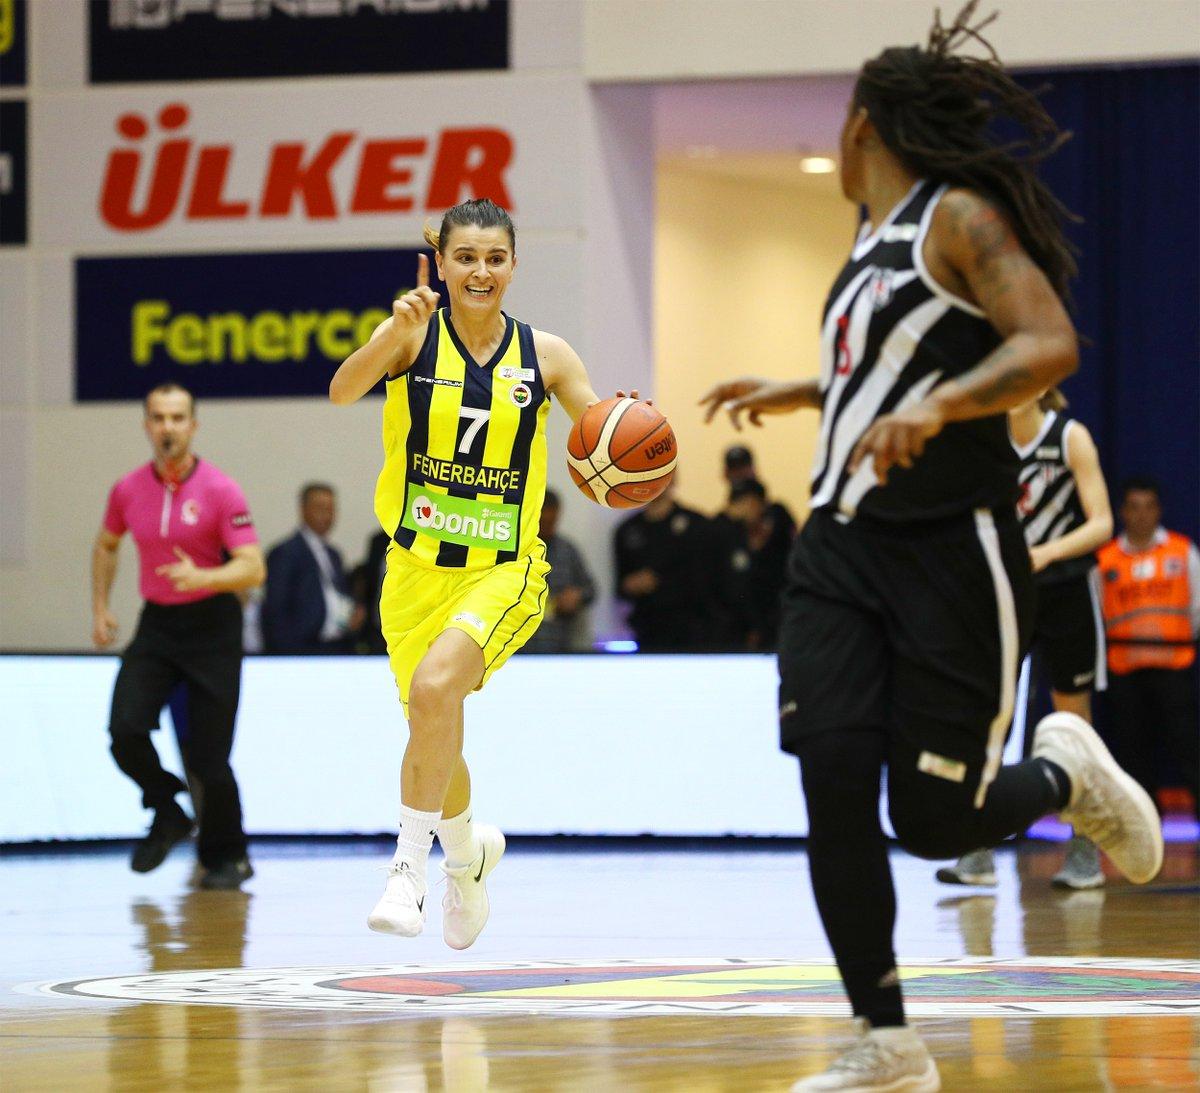 Fenerbahçe 34 sayı farkla kazandı 1-0 öne geçti